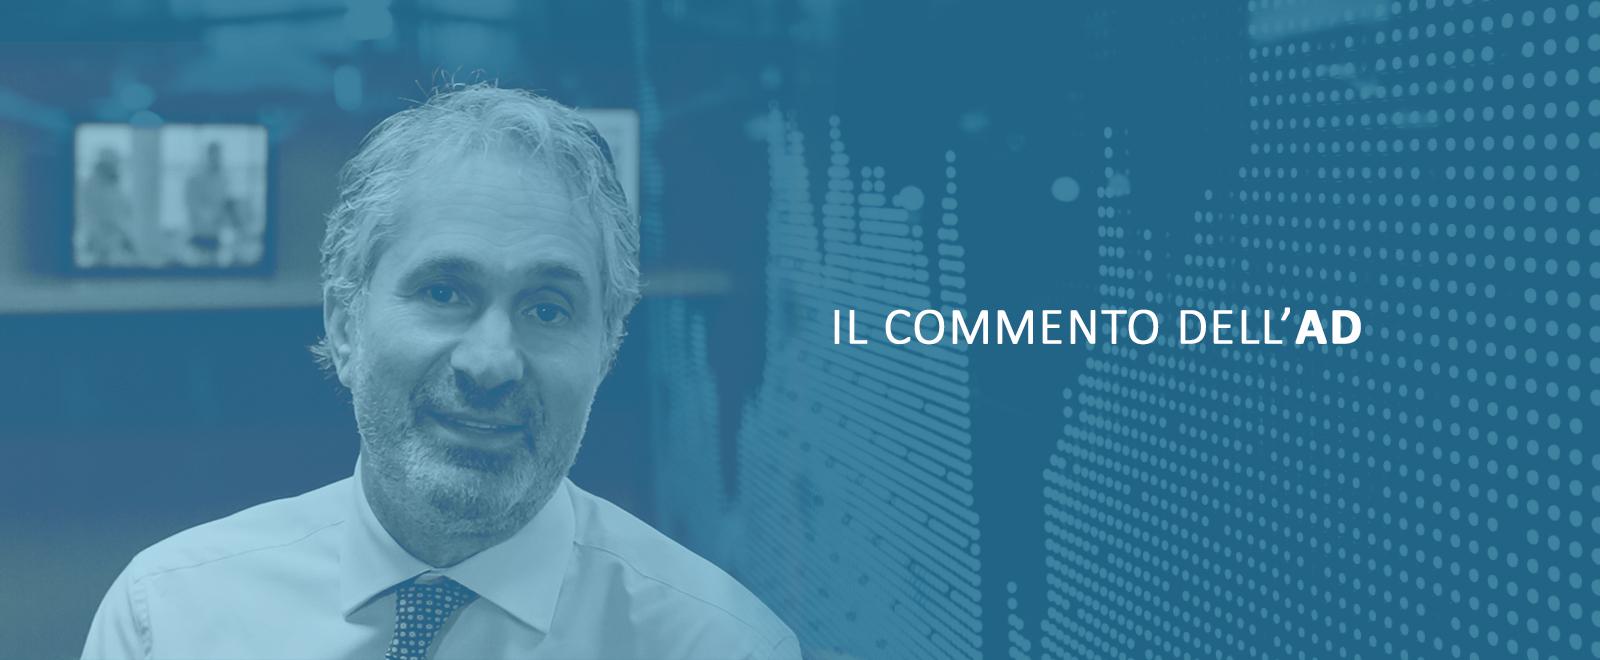 Luca Valerio Camerano commenta i risultati del primo semestre 2018